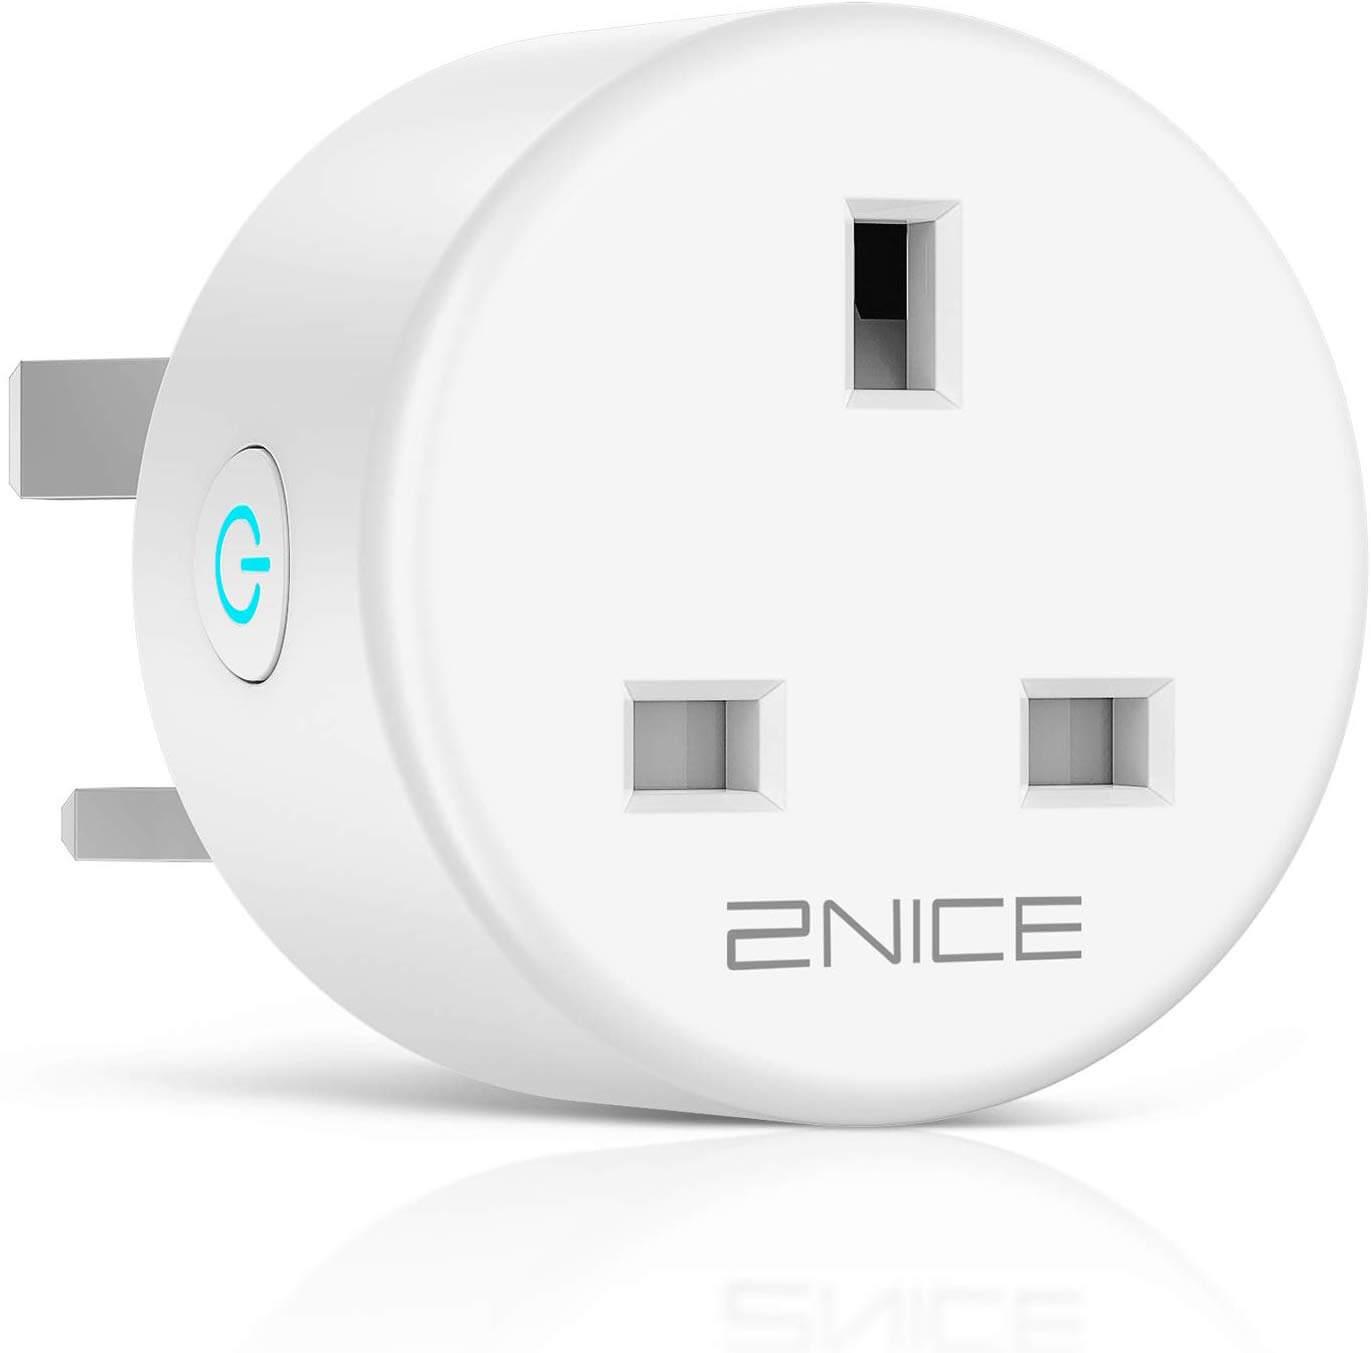 2nice smart plug